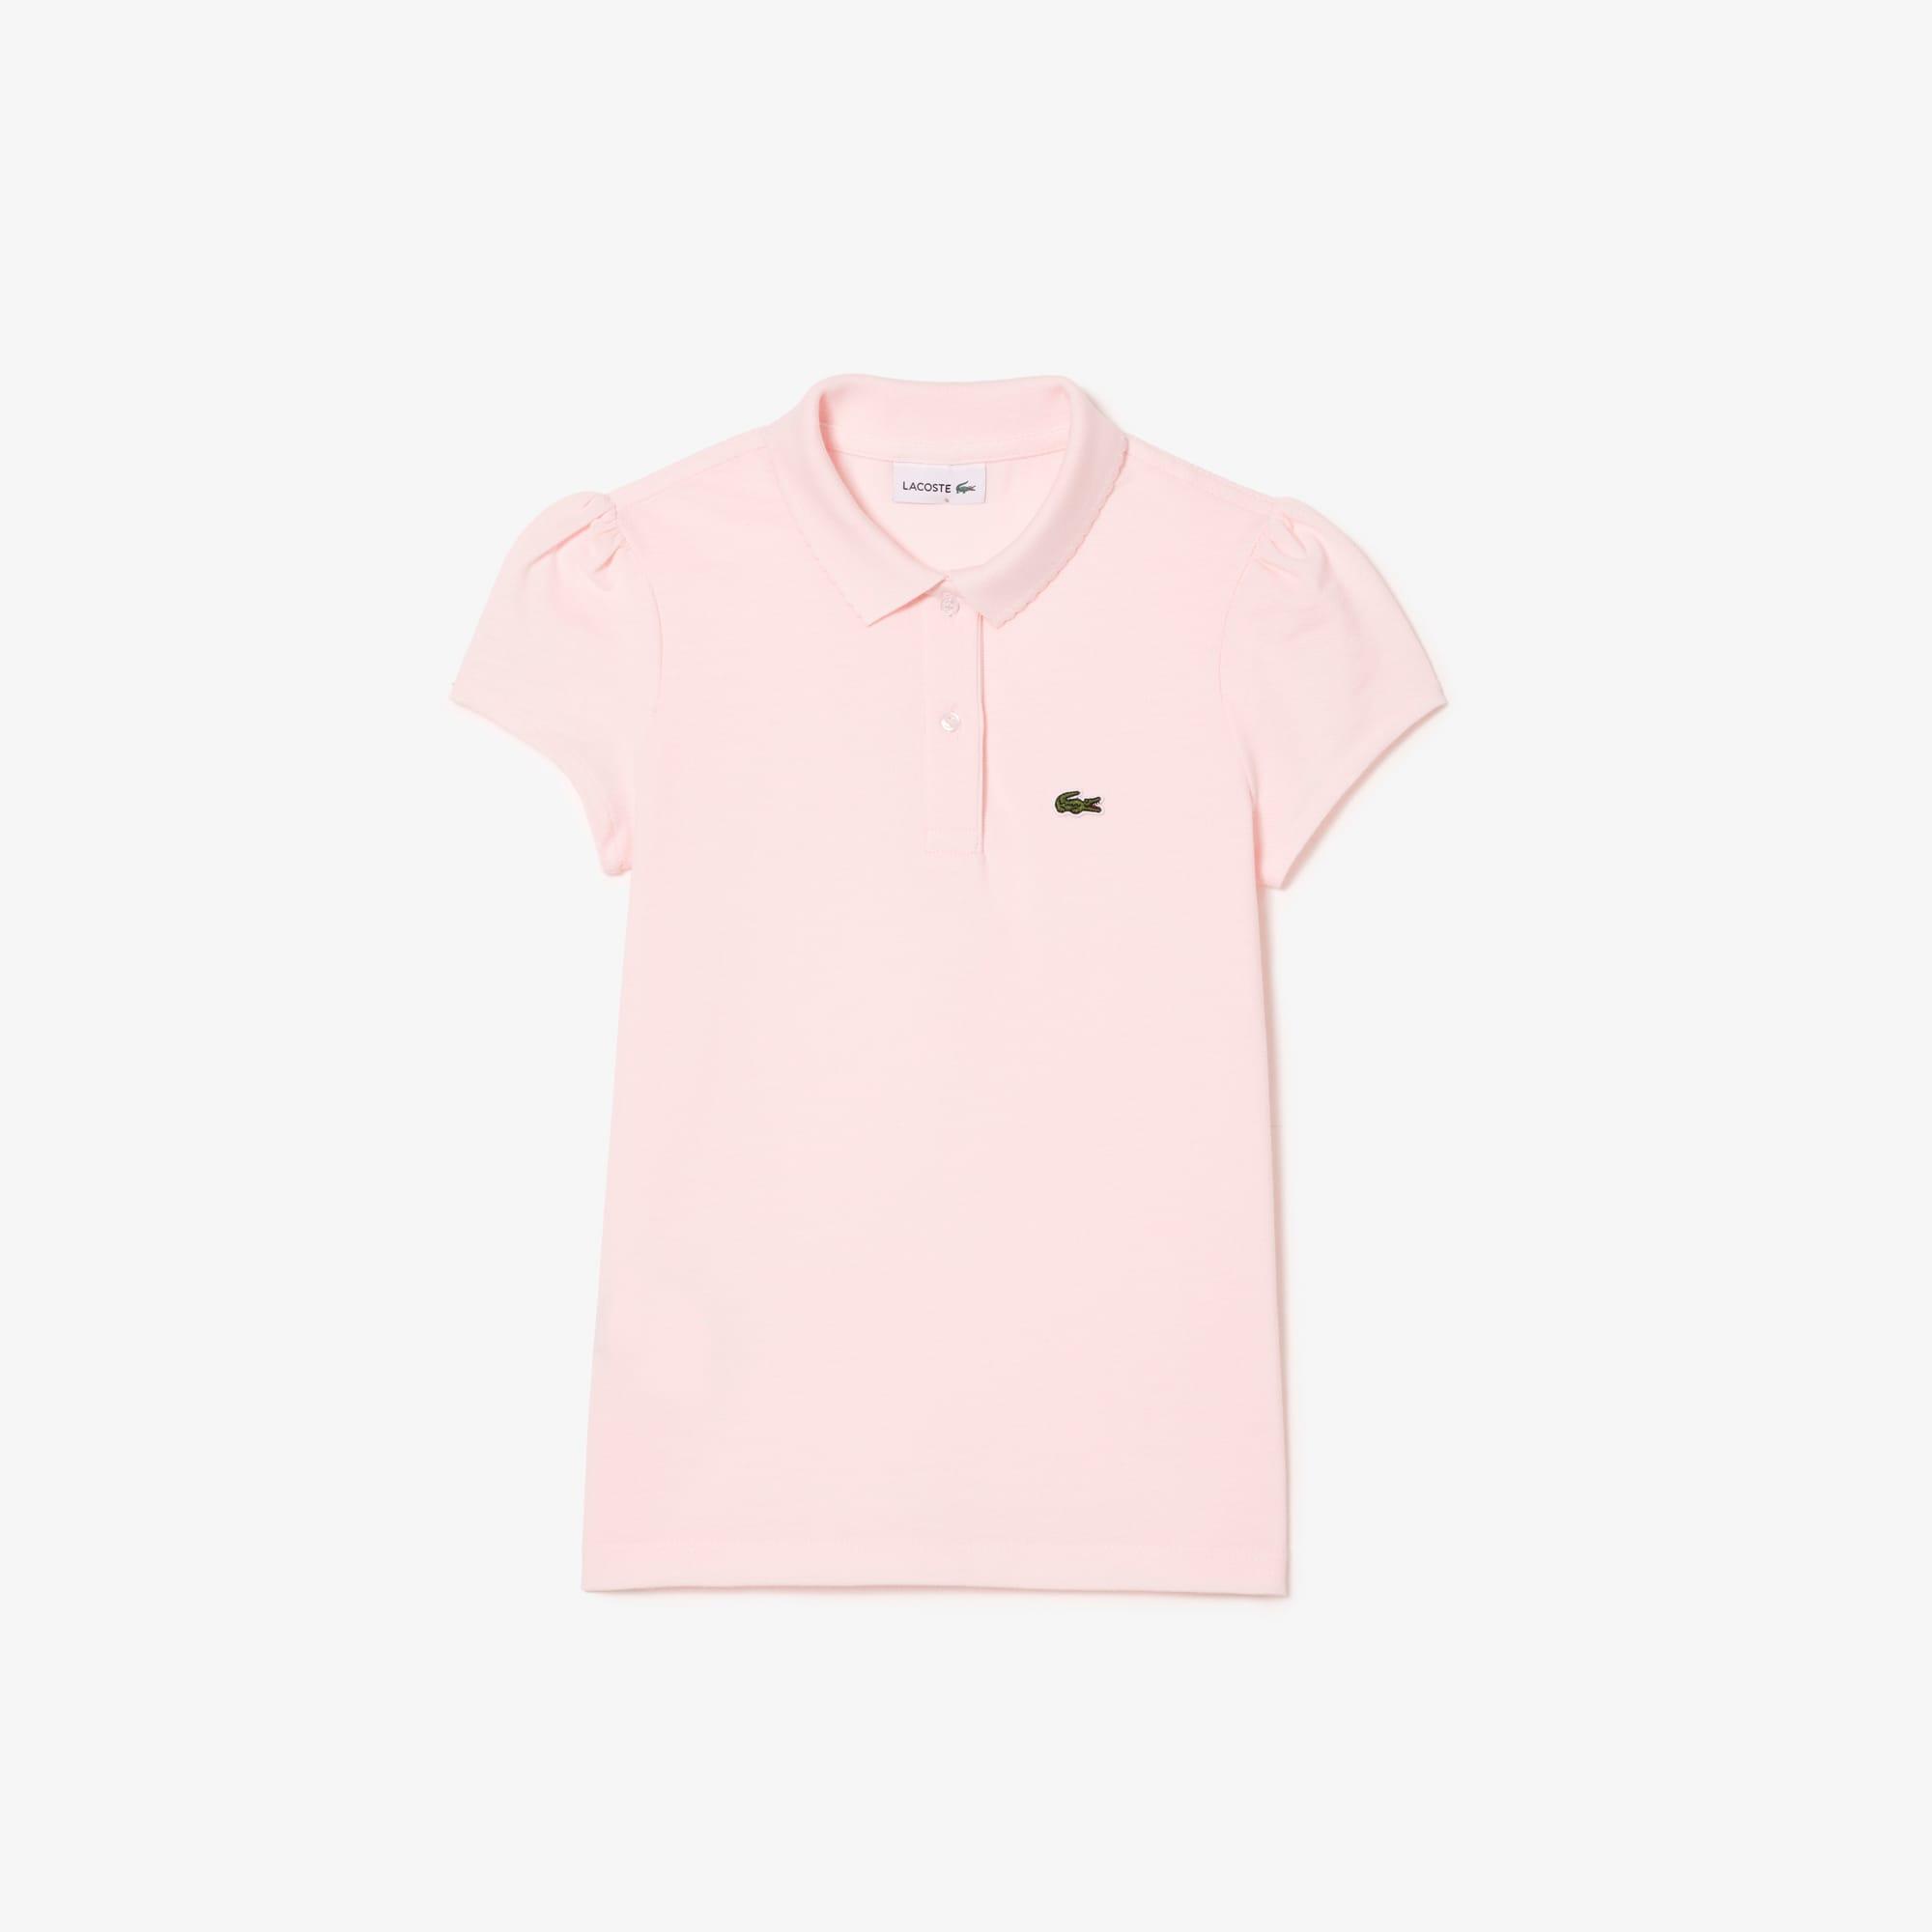 91a0d7443d + 2 cores · Camisa Polo Lacoste Feminina Infantil em Minipiquet com Gola  Recortada